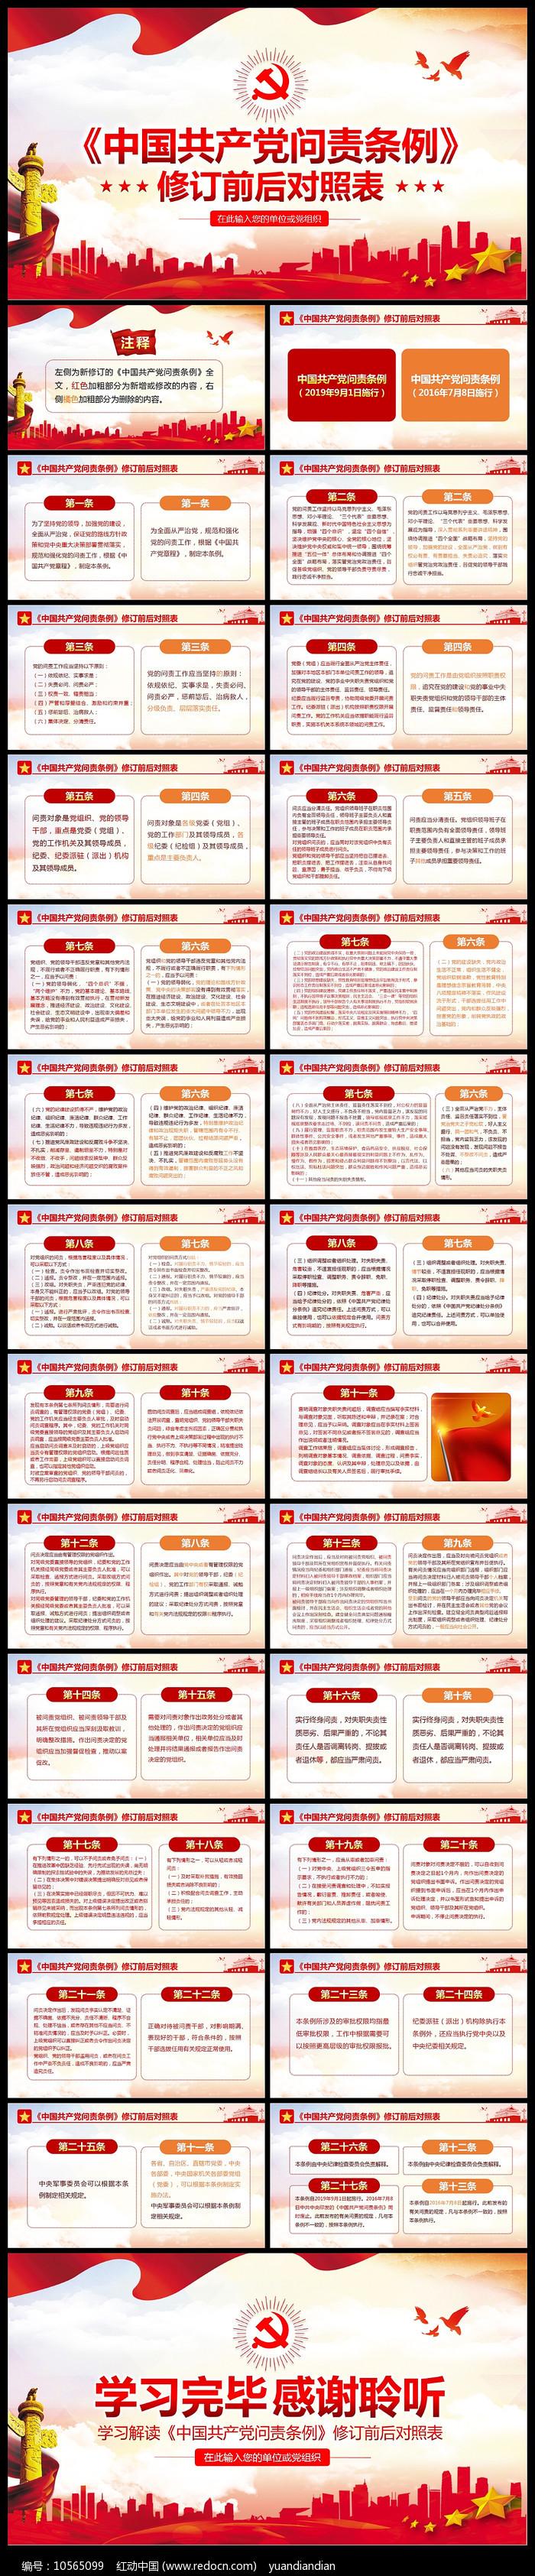 中国共产党问责条例修订前后对照表PPT图片